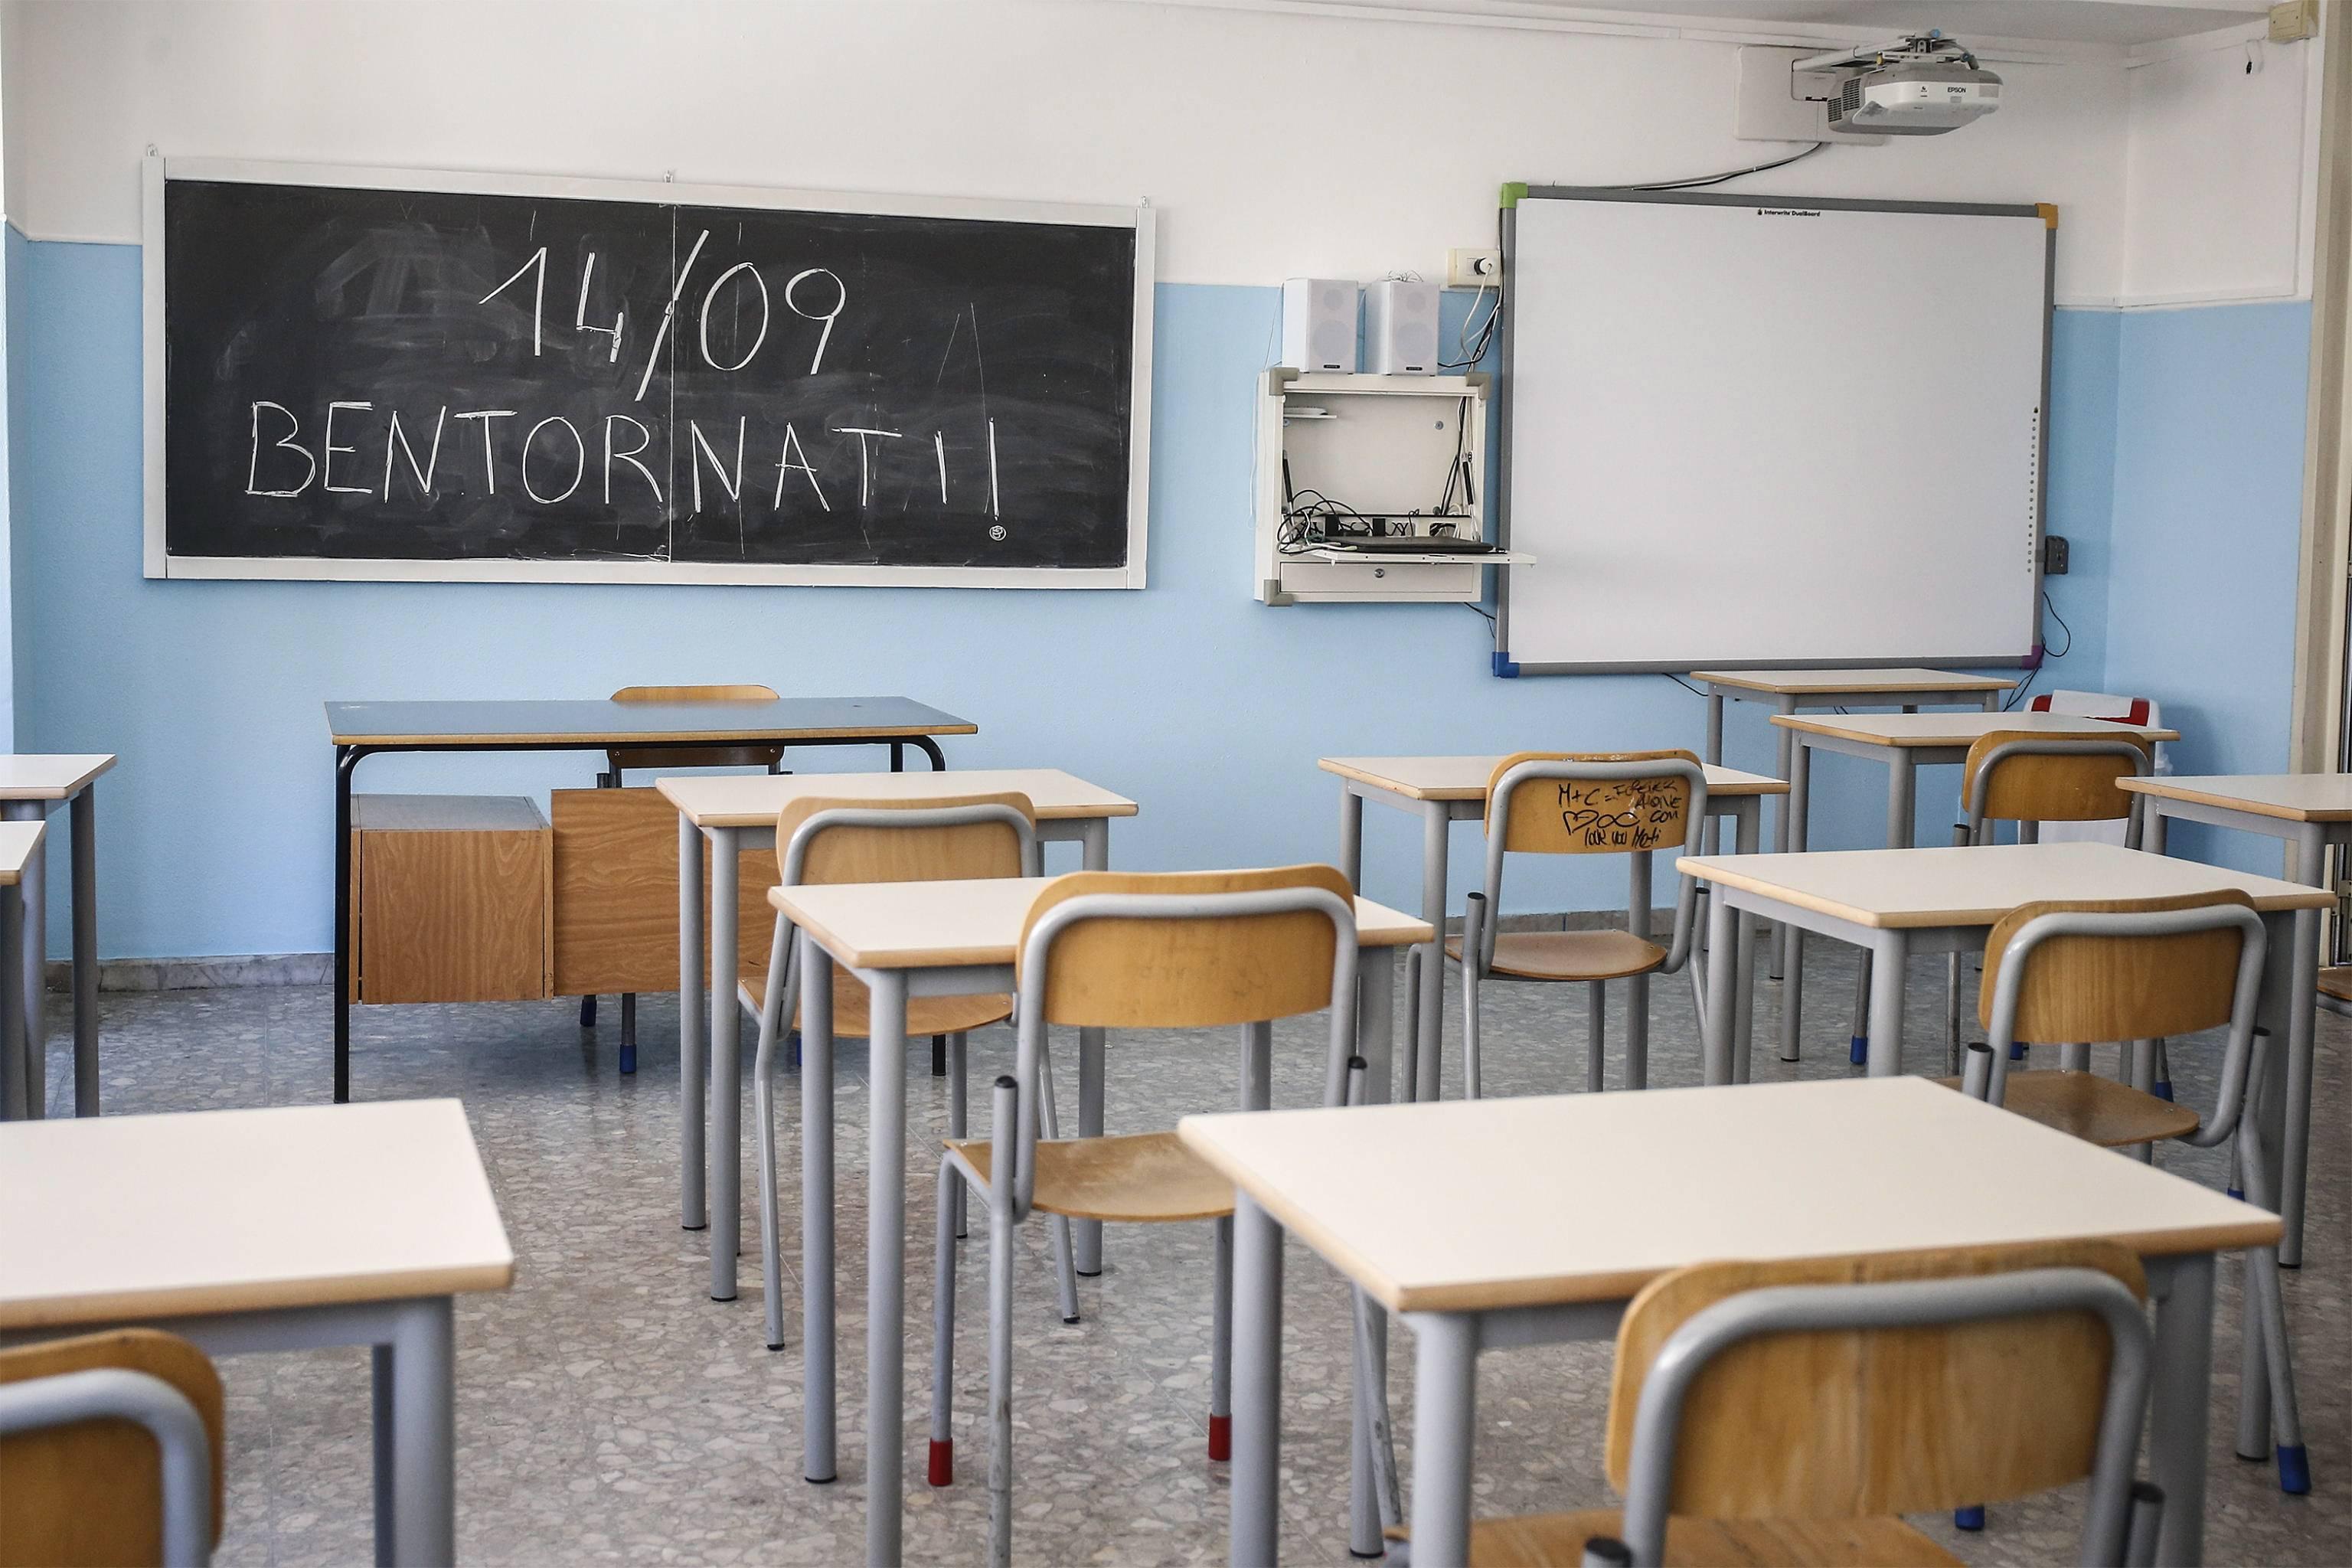 意大利|意大利:为开学做准备